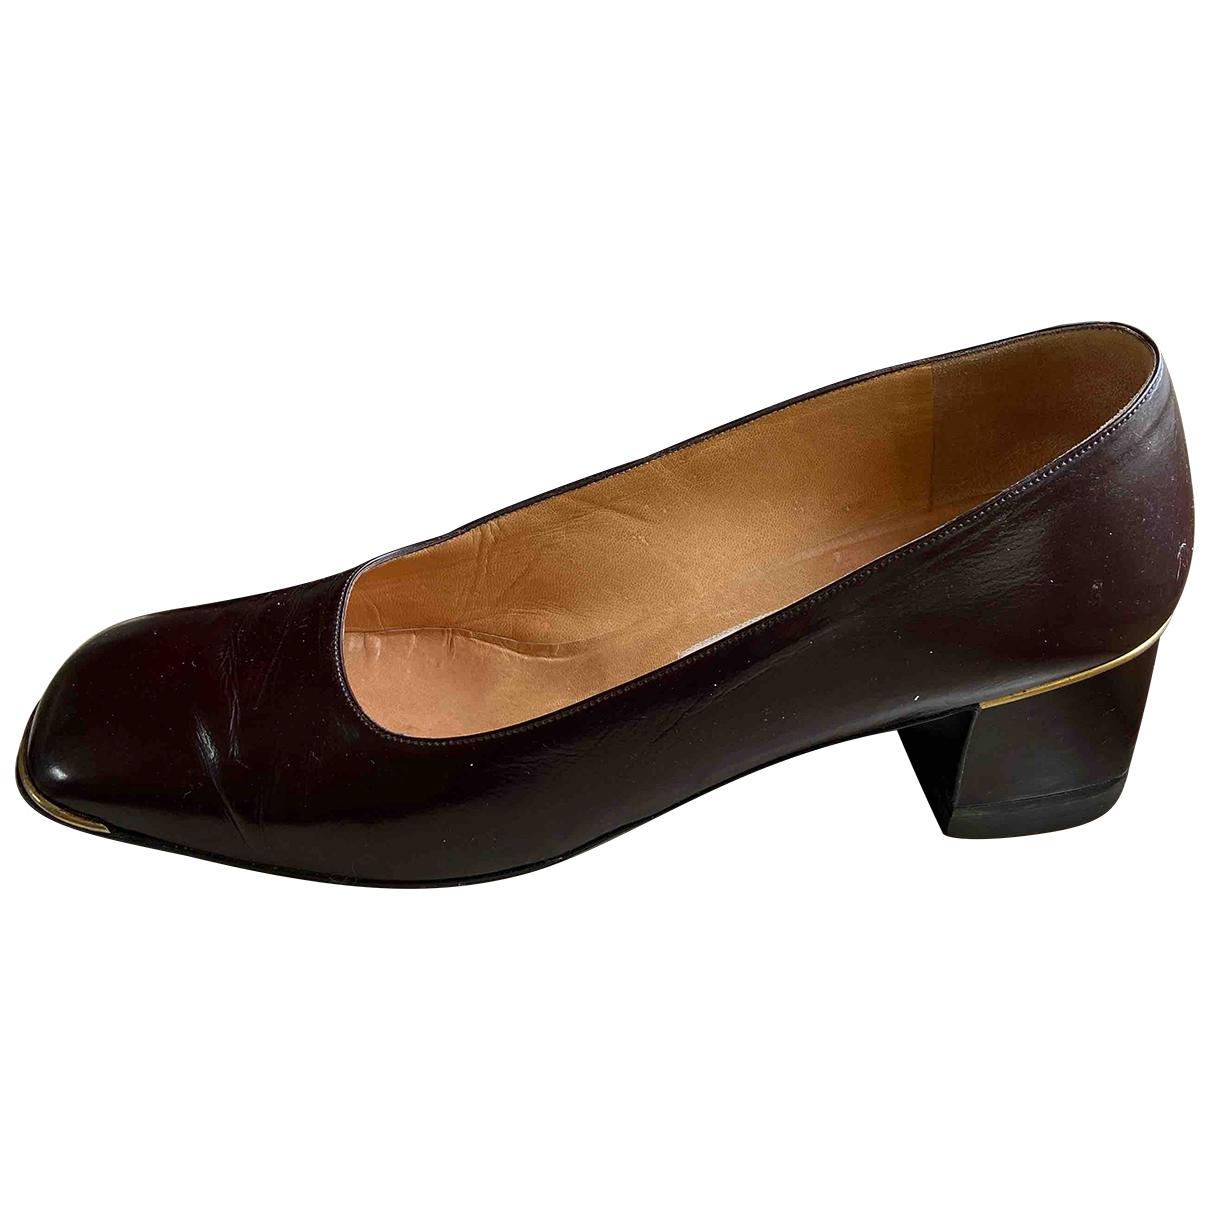 Celine - Escarpins   pour femme en cuir - bordeaux